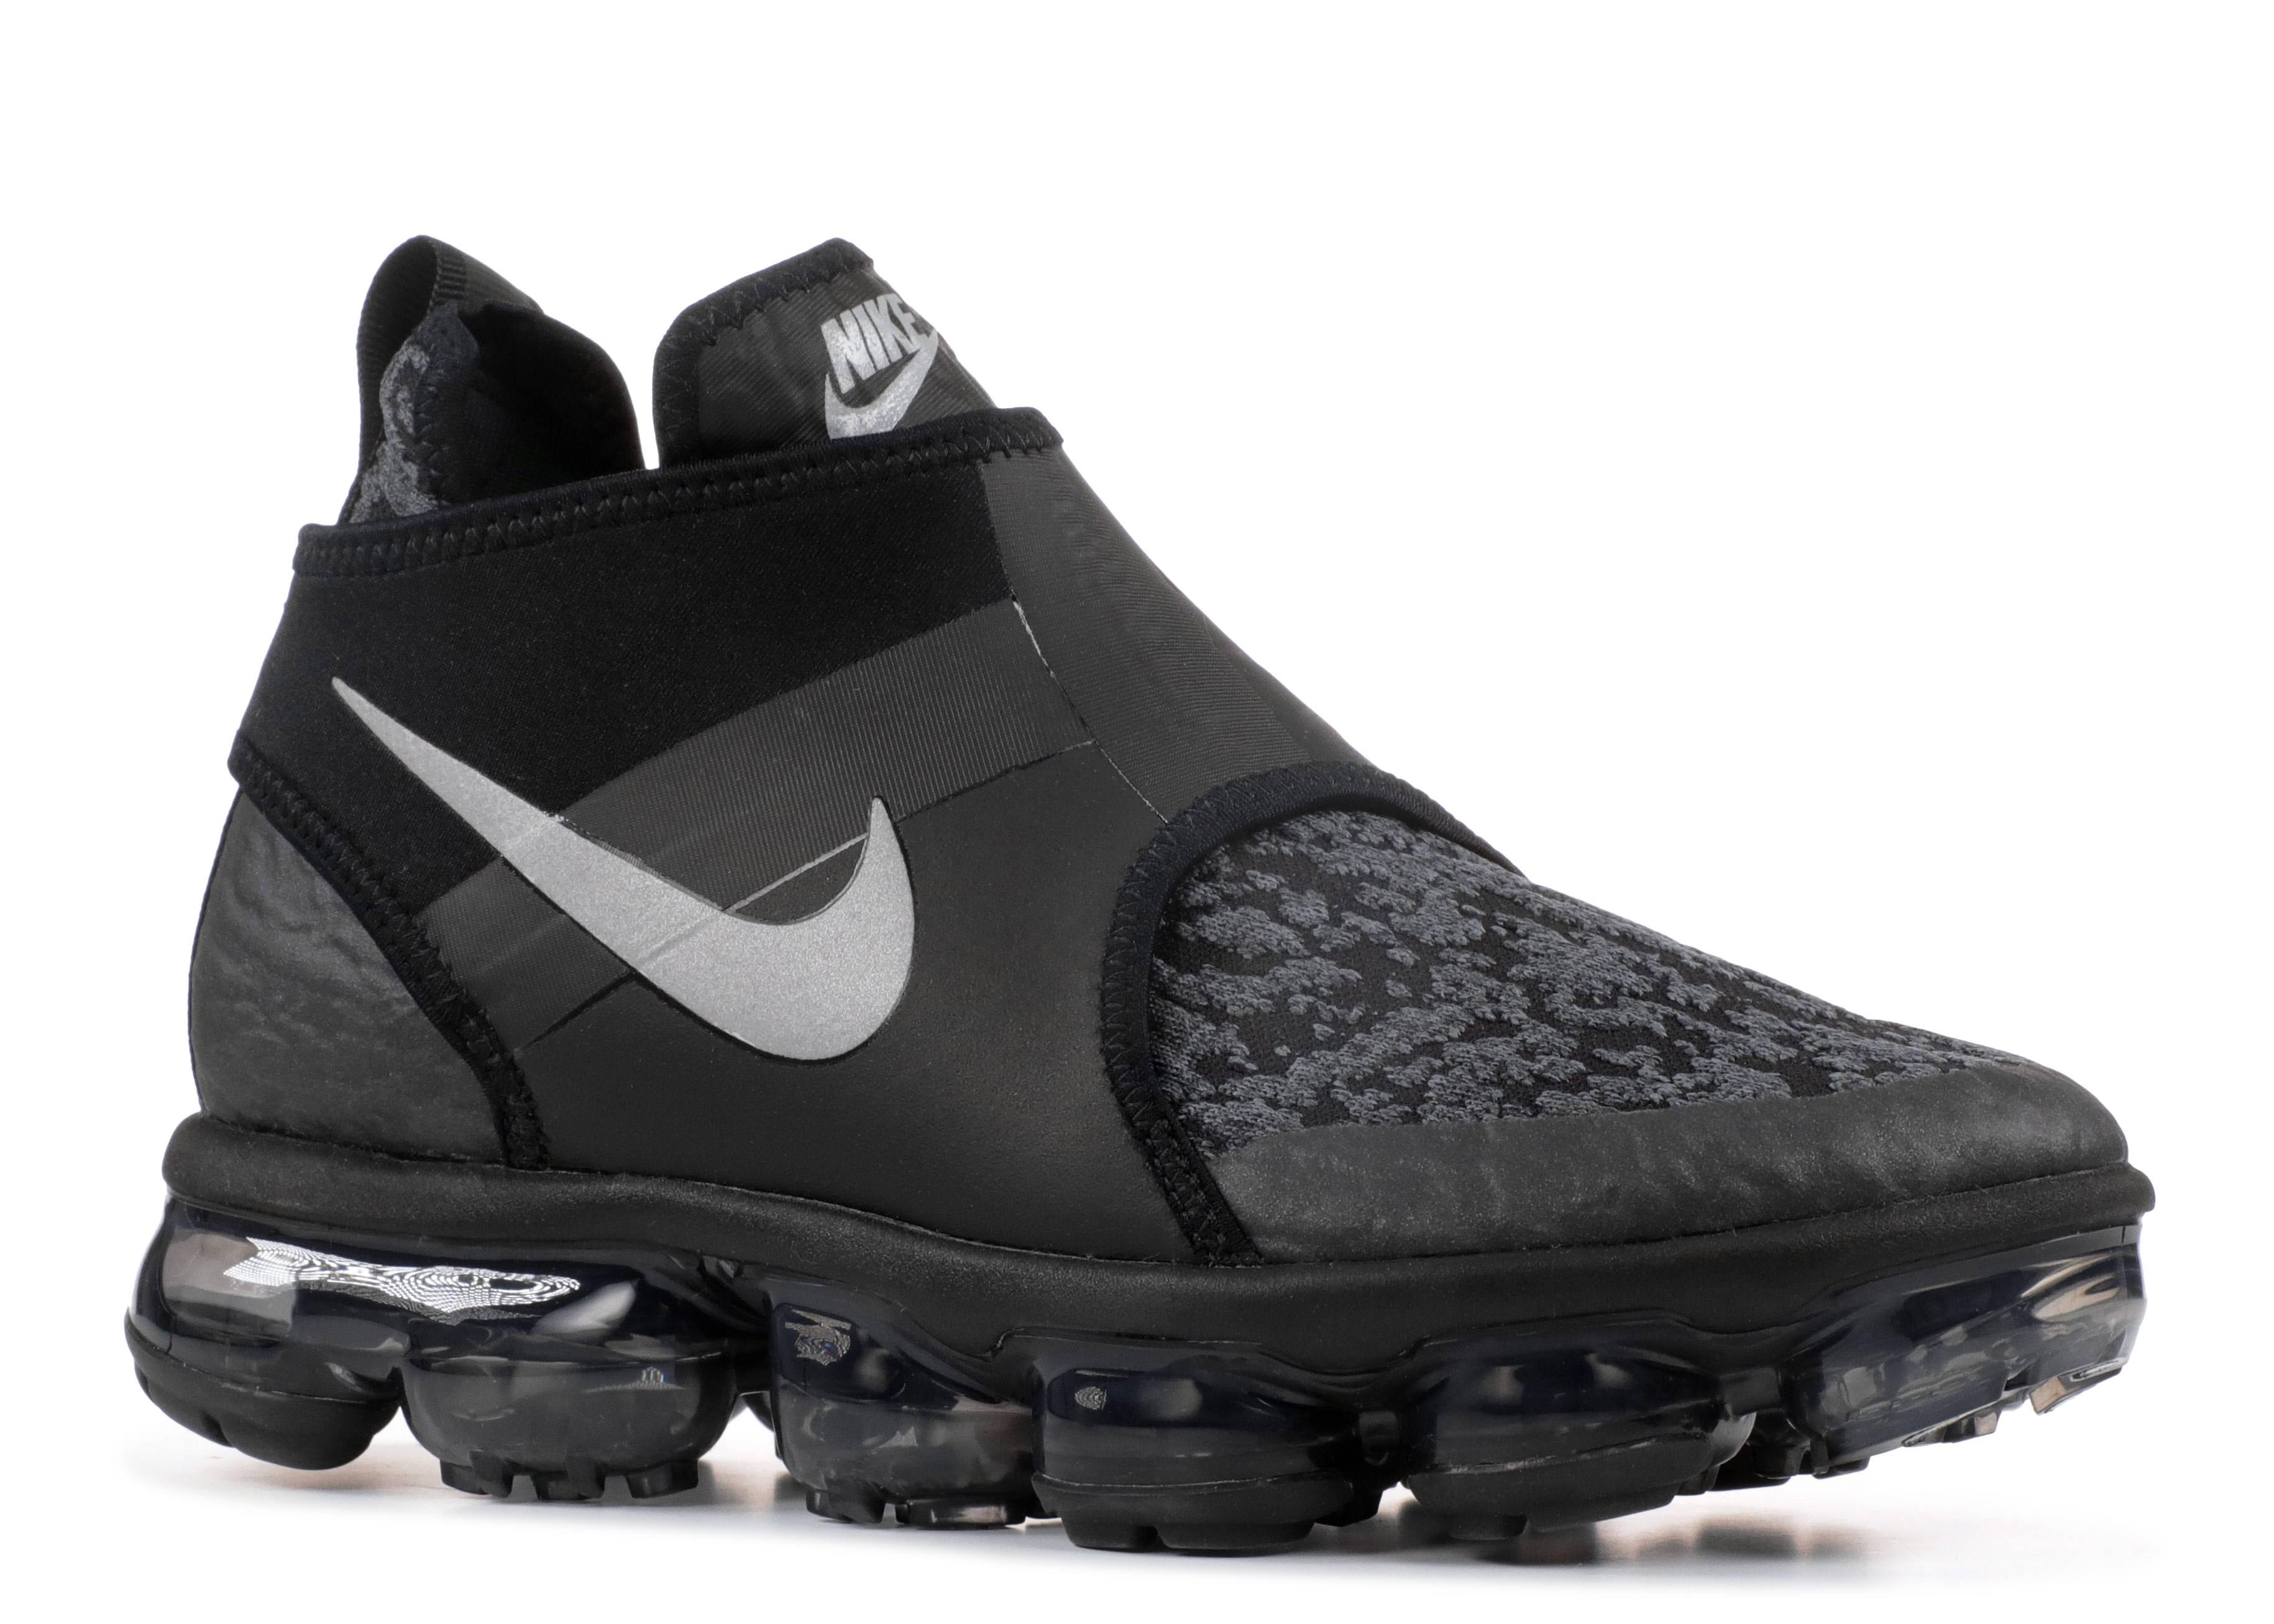 Nike Vapormax Chukka Slip On Feet